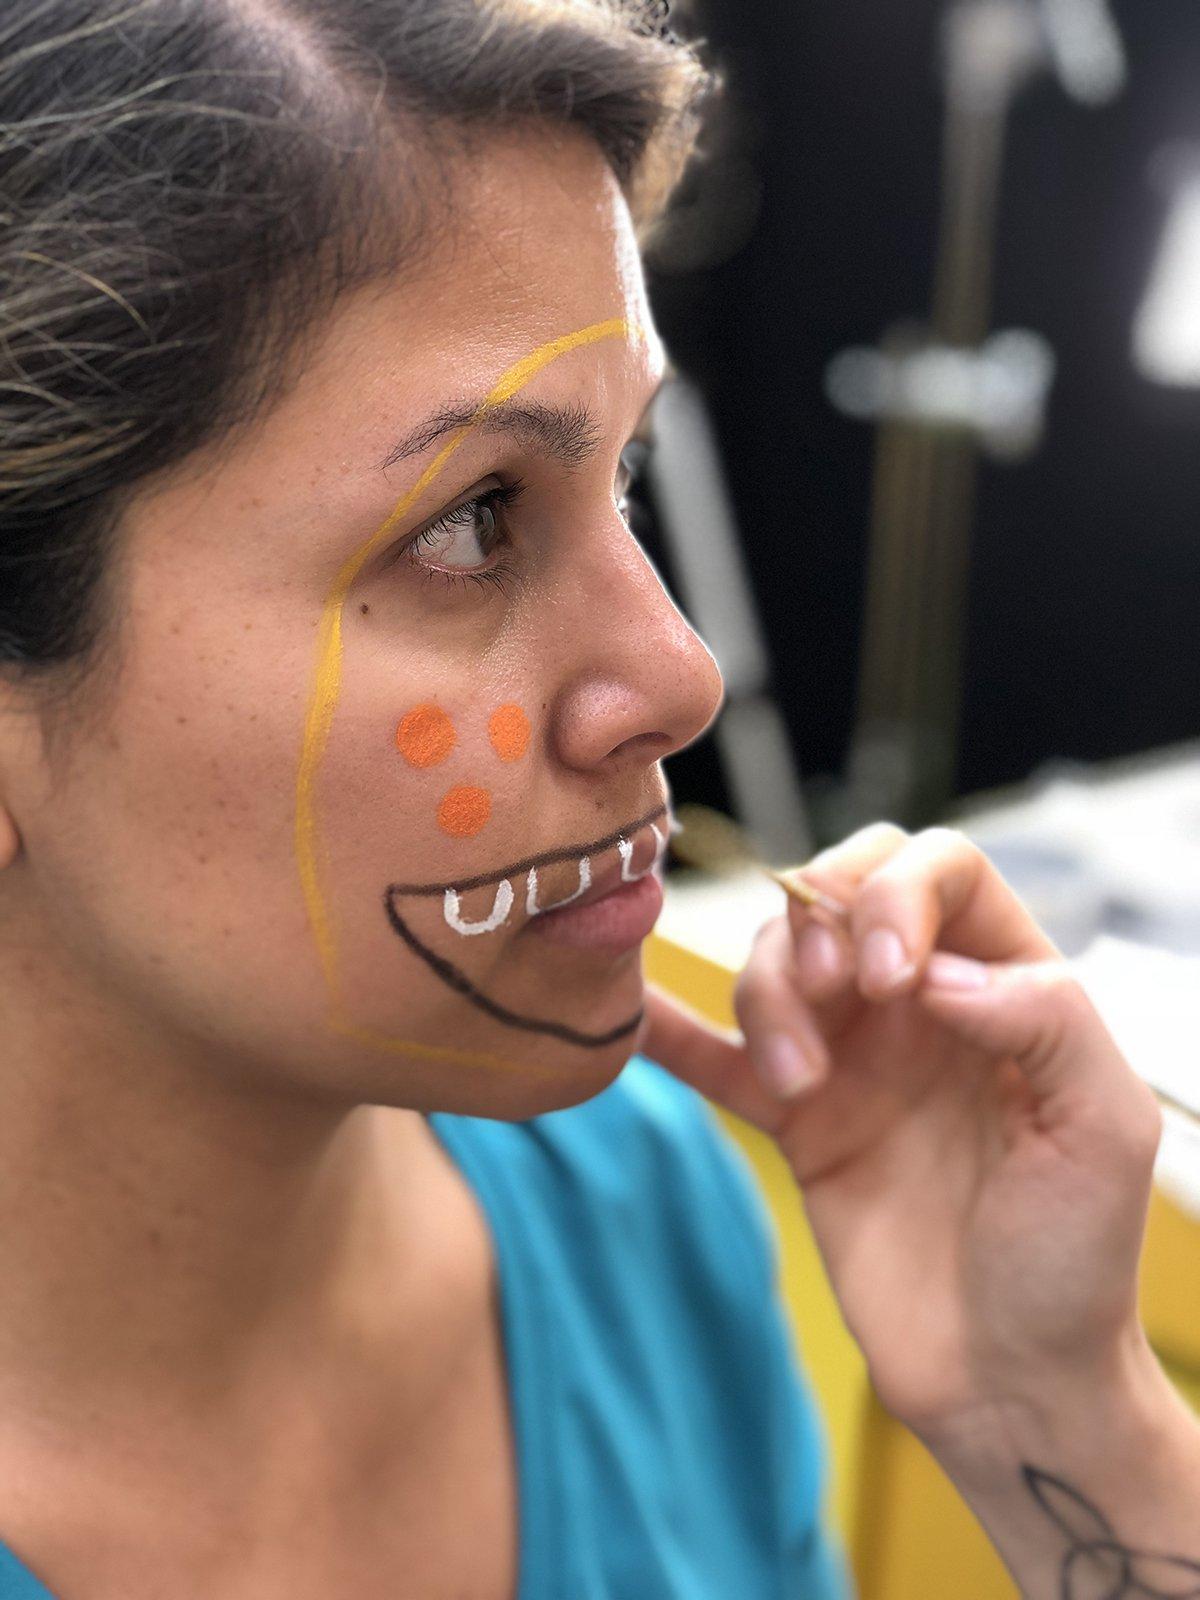 pintura facial halloween monstro2 - Pintura de rosto de Halloween - Monstro